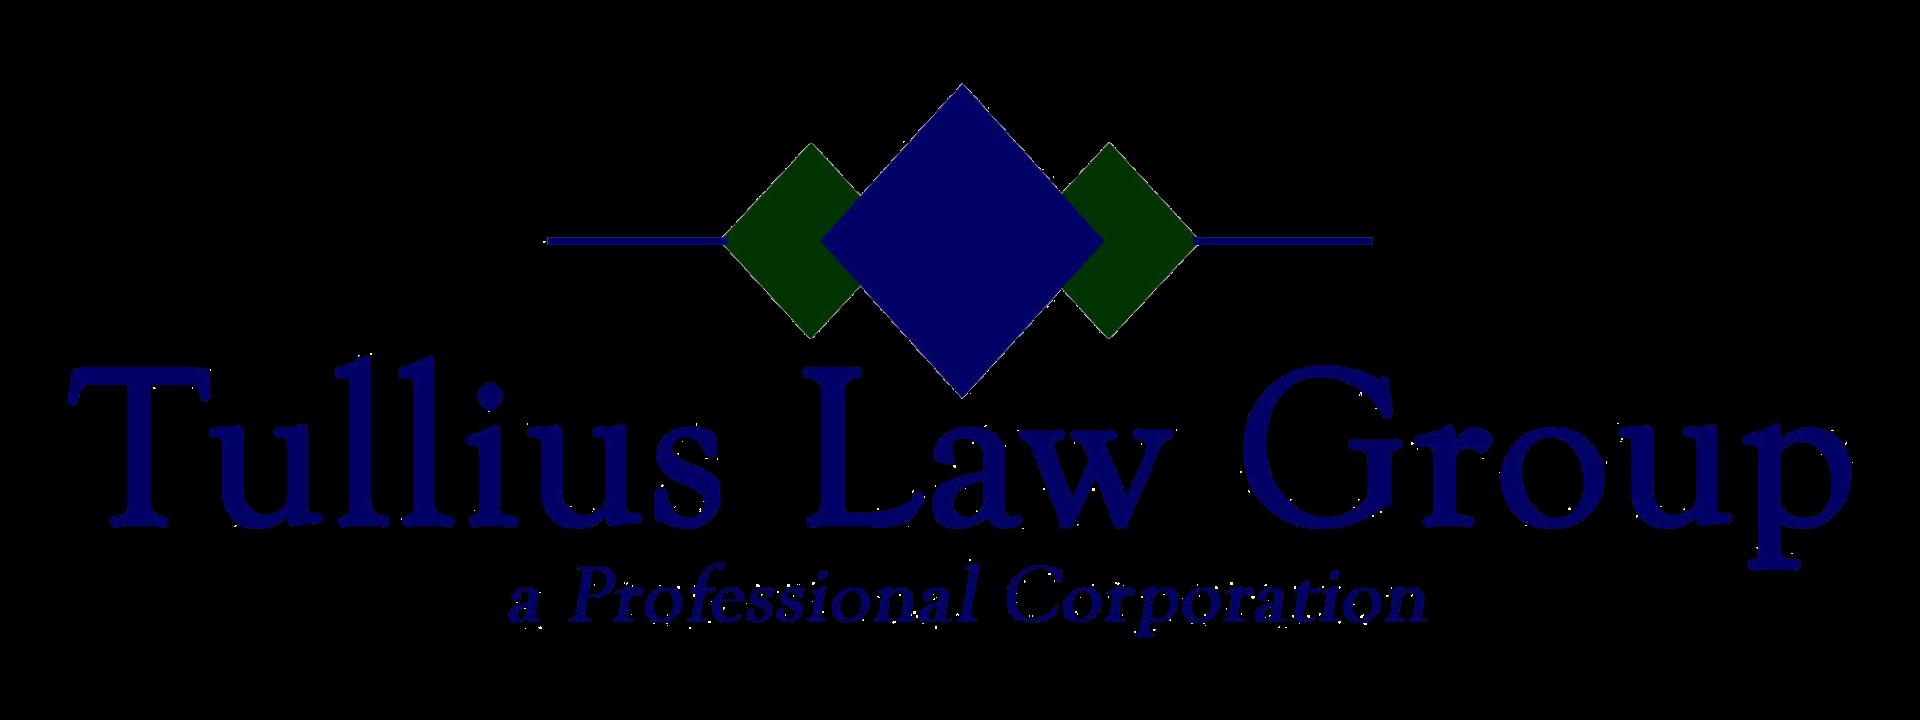 164acd34-96e1-4d0d-873d-19581e4b113aTLG Logo